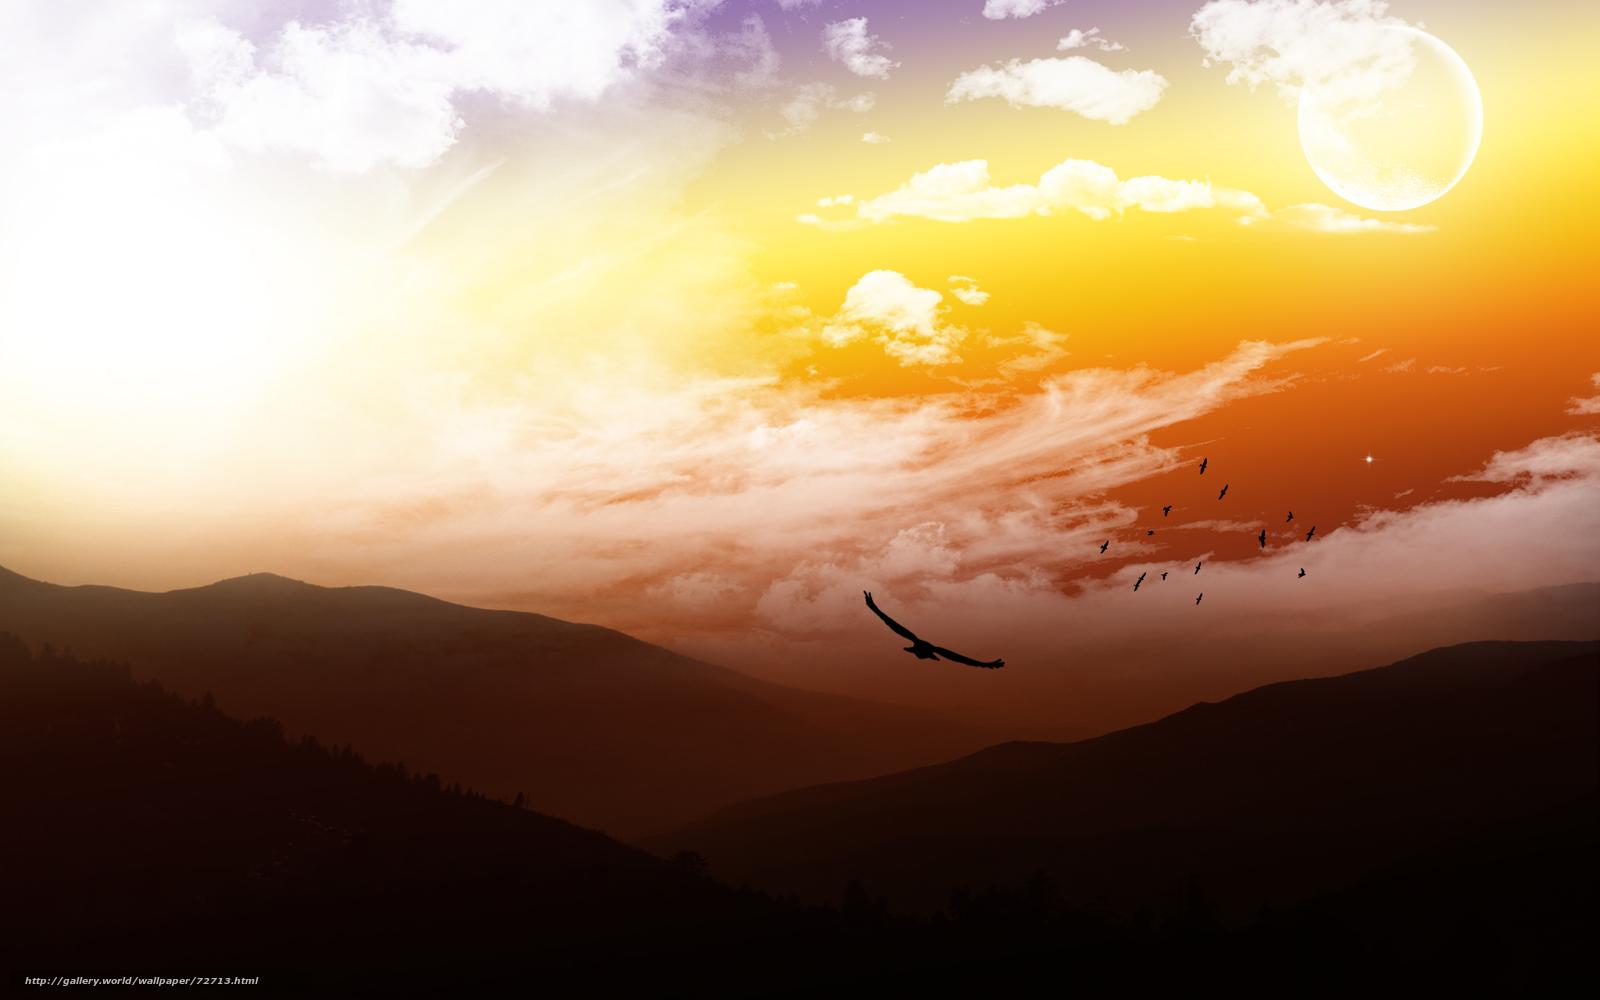 Tlcharger fond d 39 ecran paysage magnifique vues bombovsky for Super fond ecran